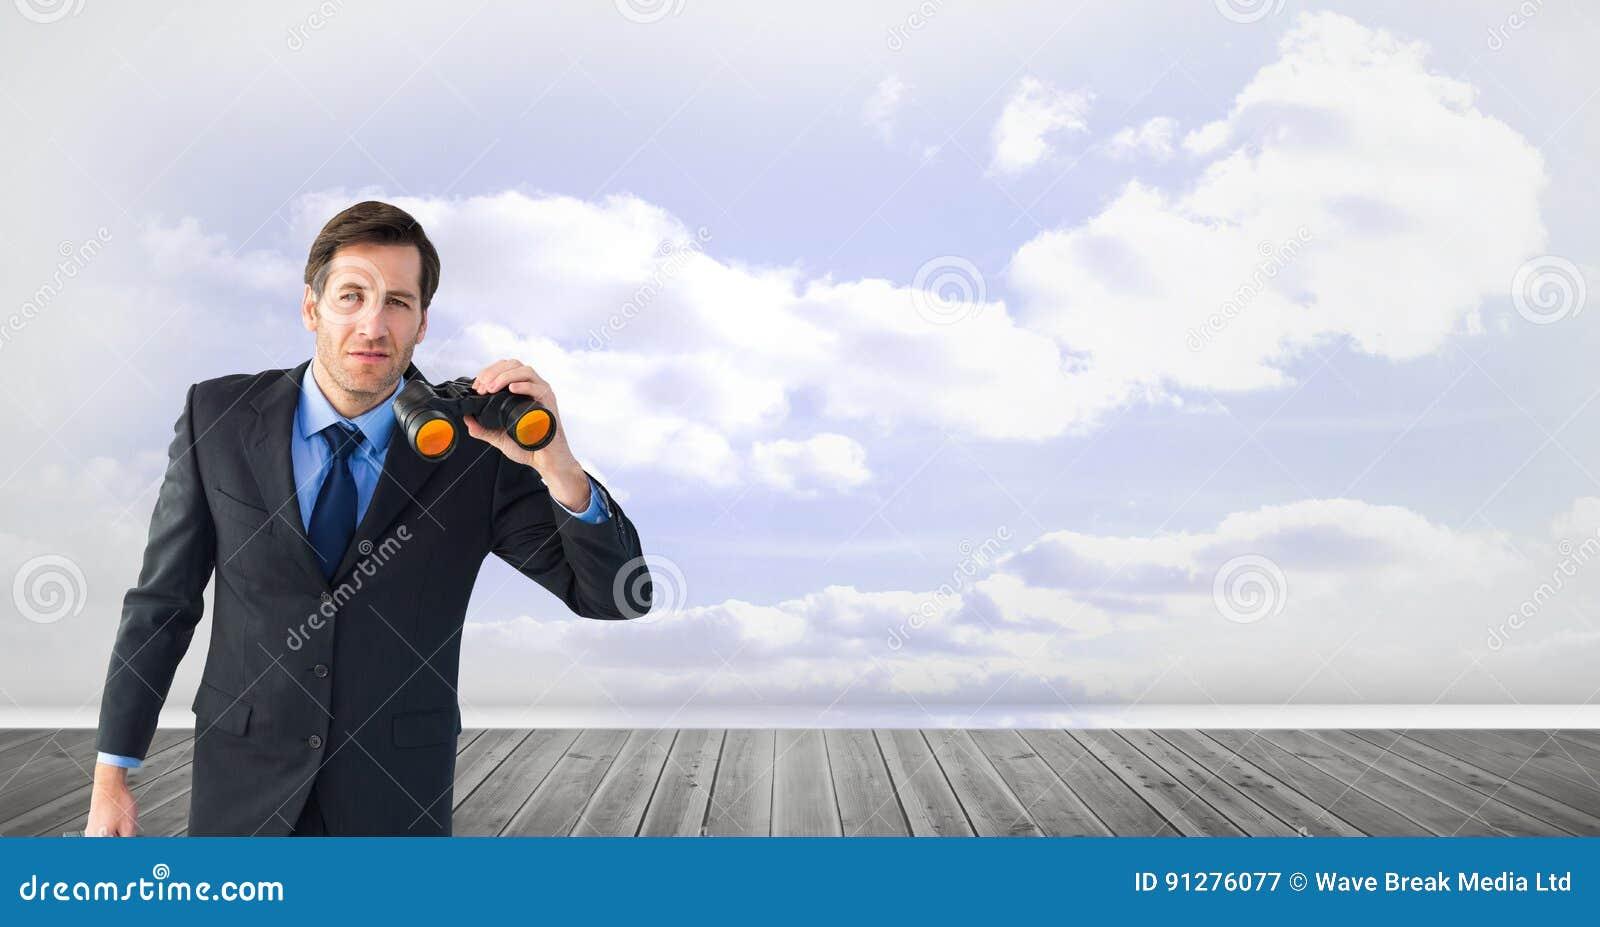 Hållande kikare för affärsman på strandpromenad mot himmel